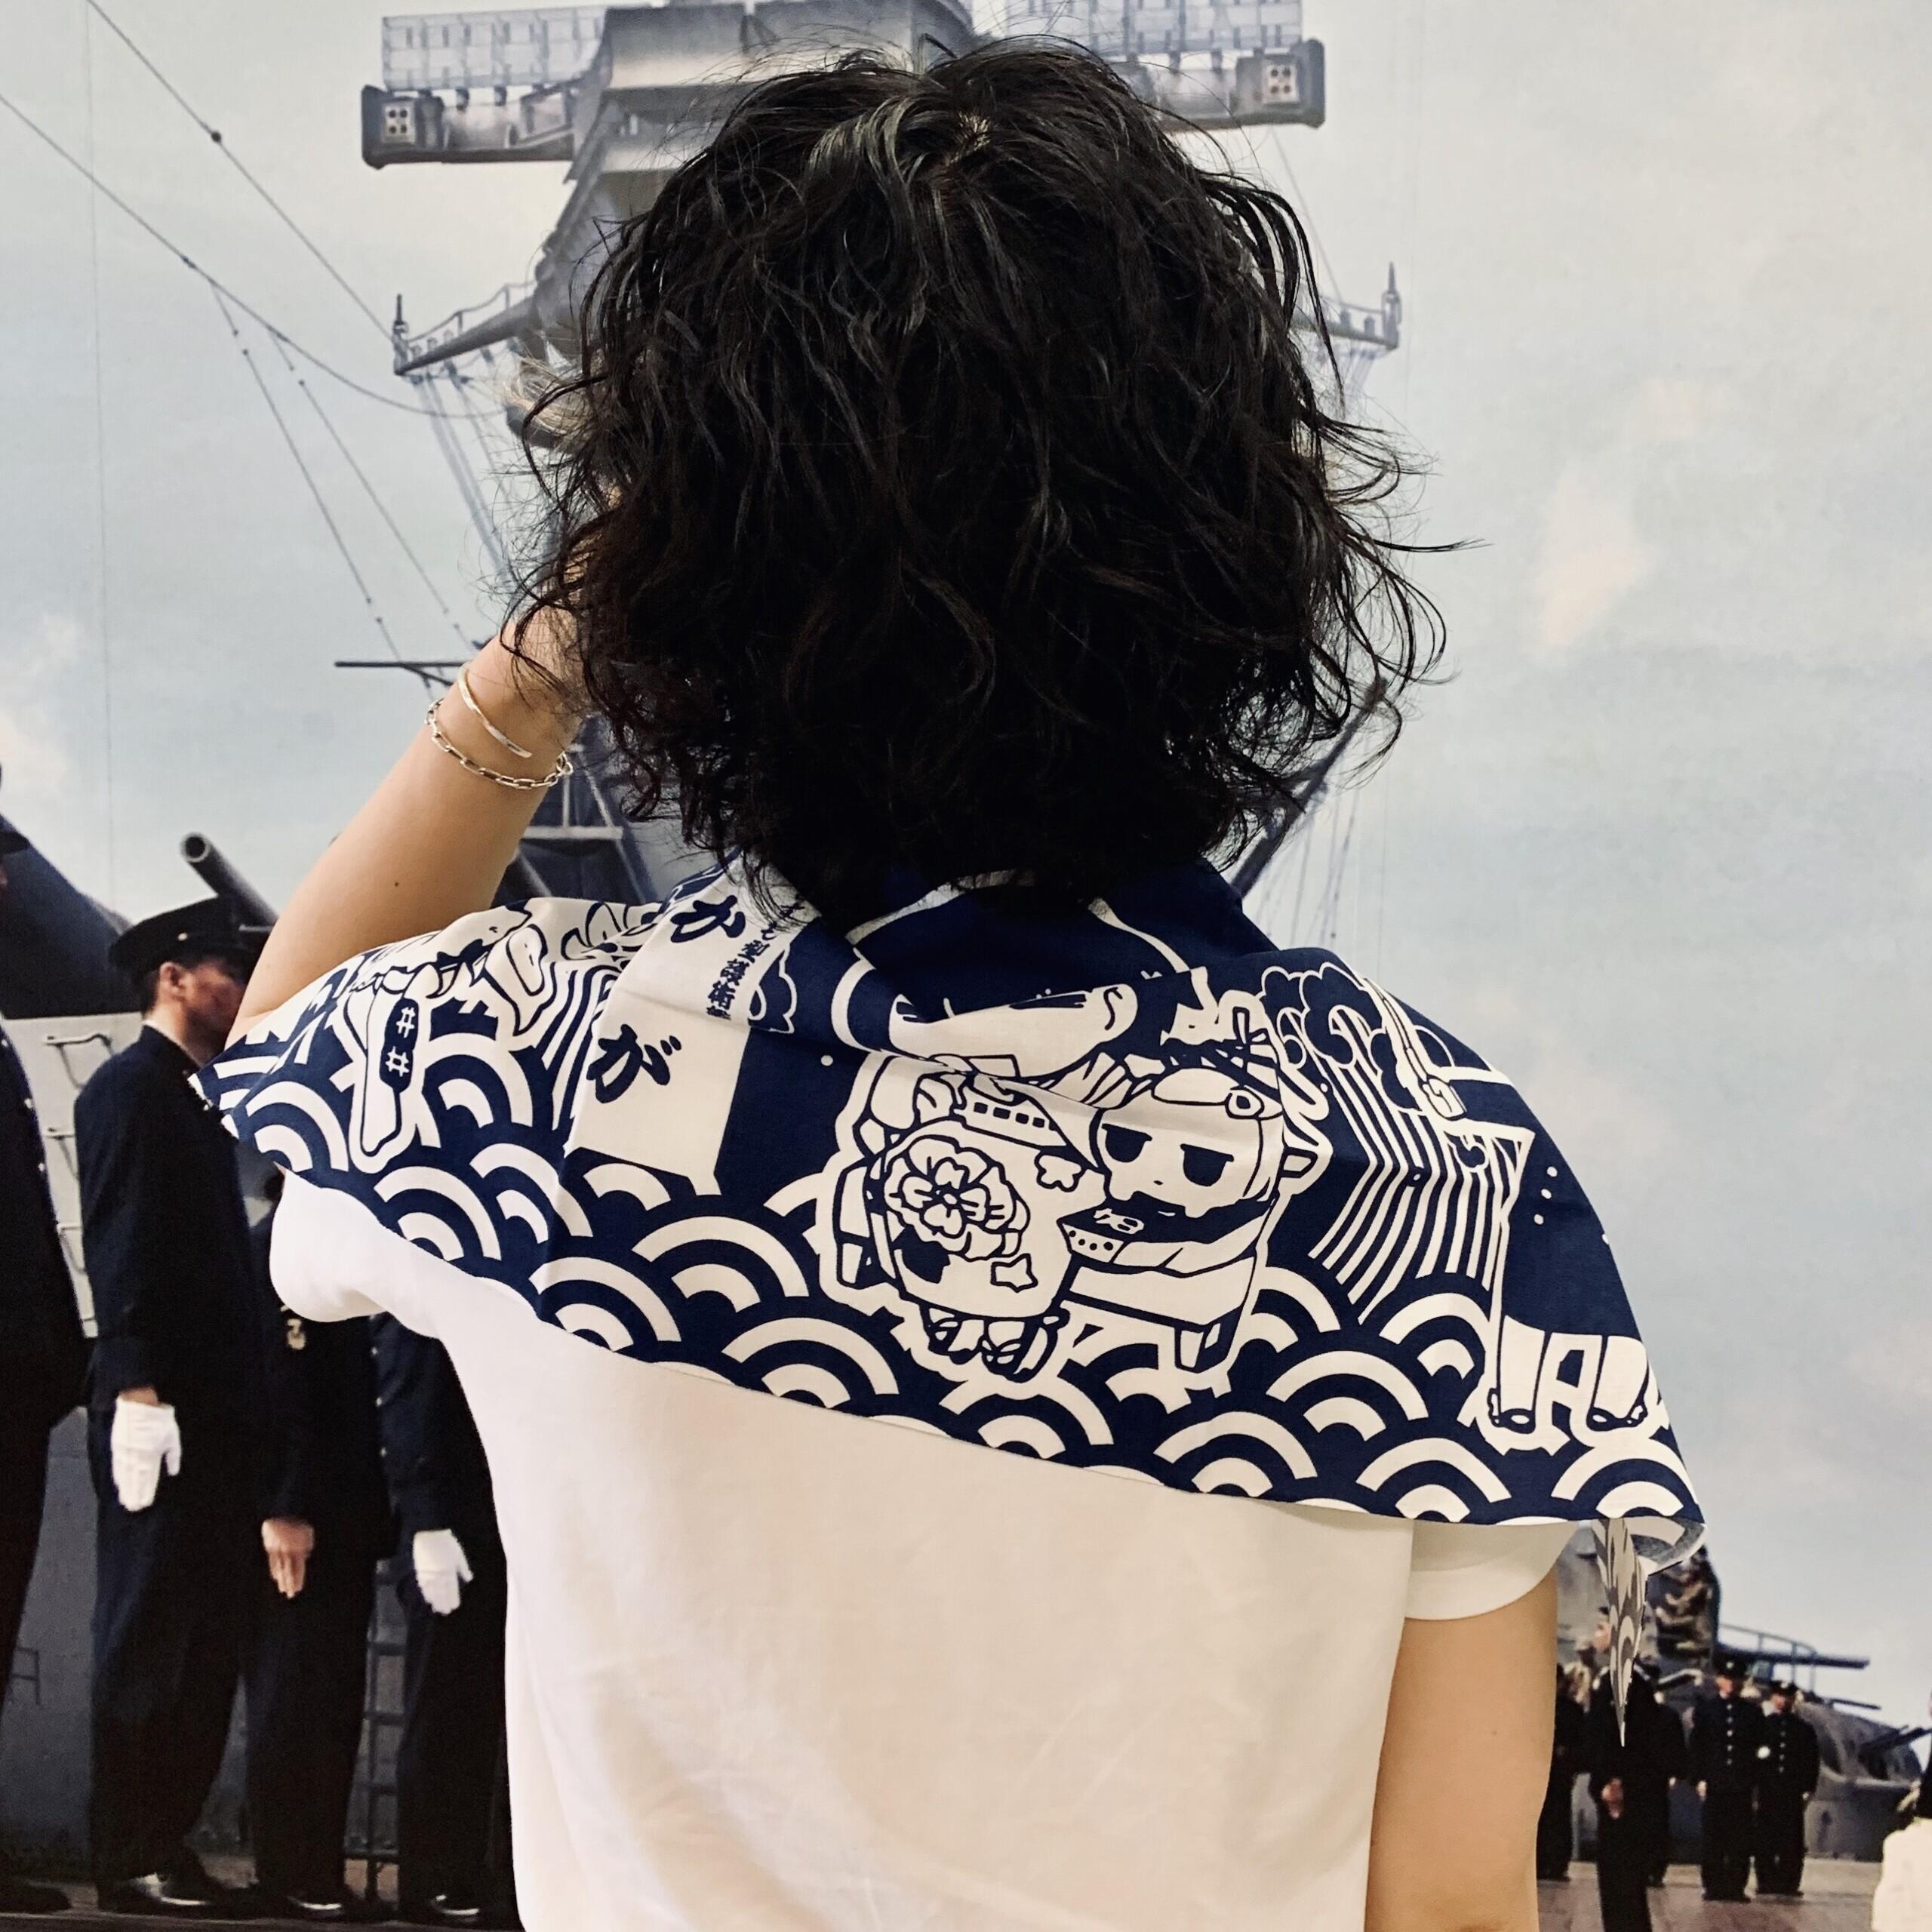 海上護衛警備隊の手ぬぐいを肩に掛けている